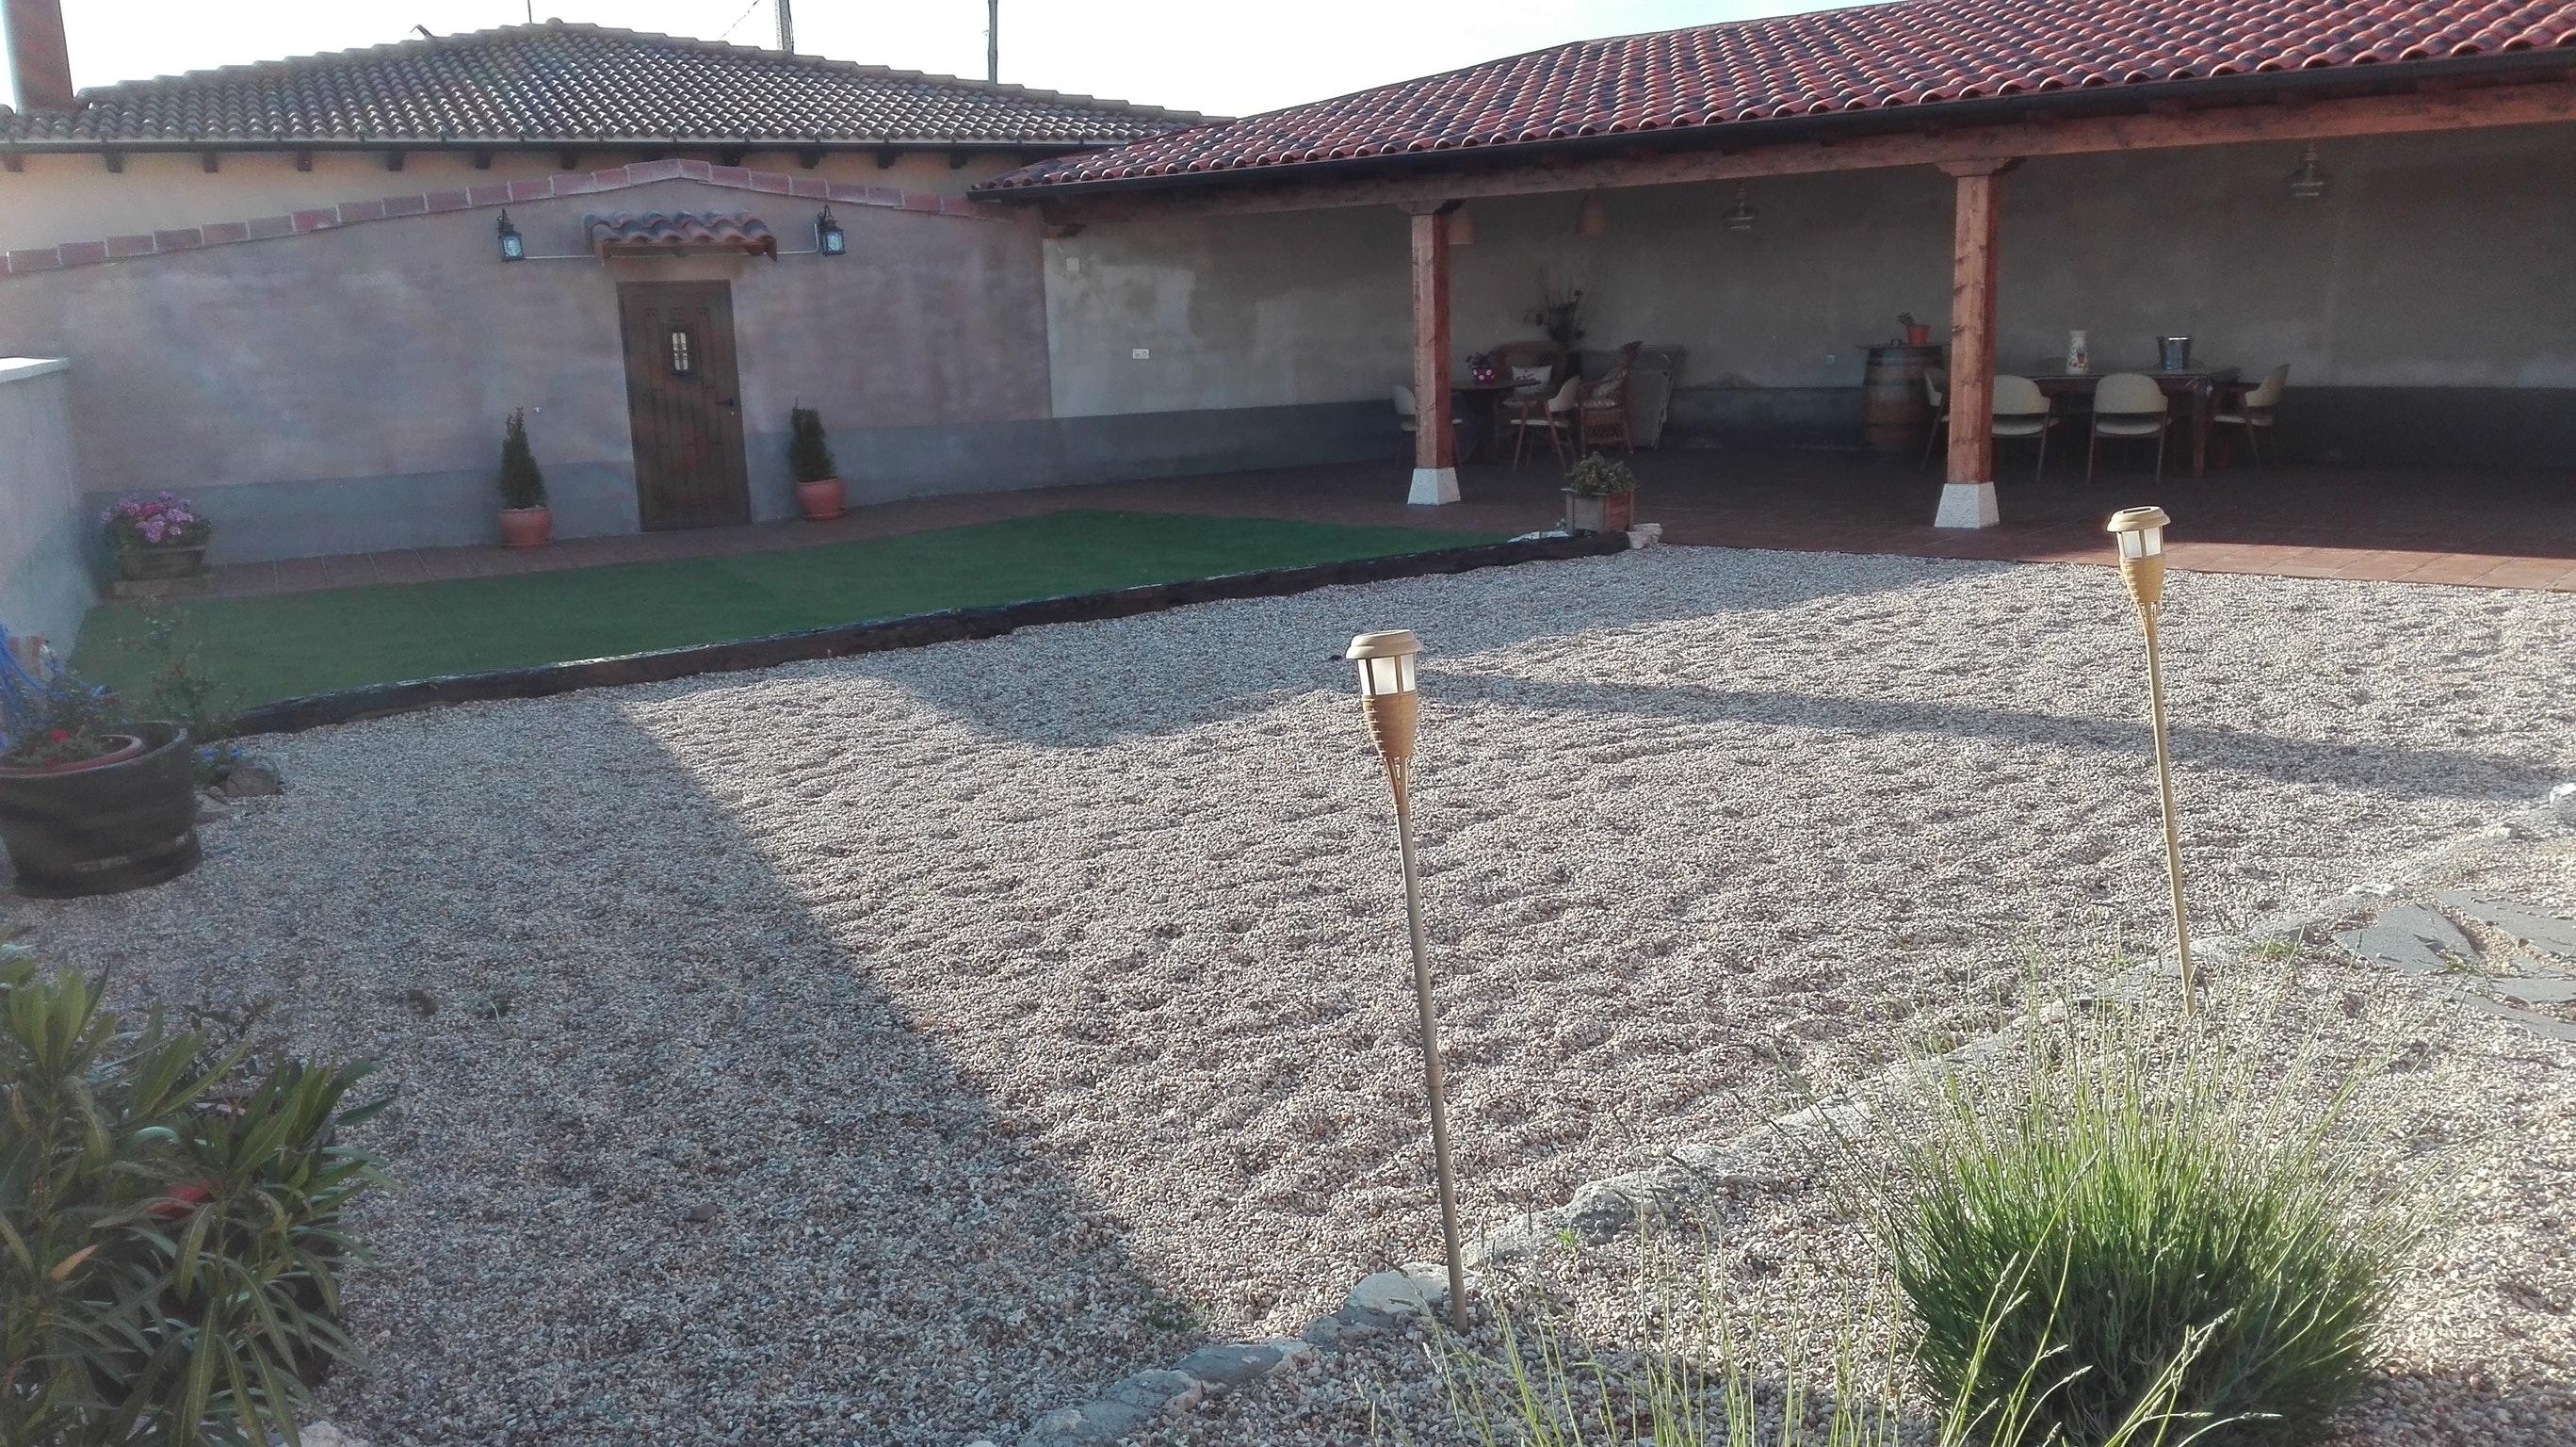 Ferienhaus Haus mit 3 Schlafzimmern in Peral de Arlanza mit eingezäuntem Garten (2201640), Peral de Arlanza, Palencia, Kastilien-León, Spanien, Bild 10